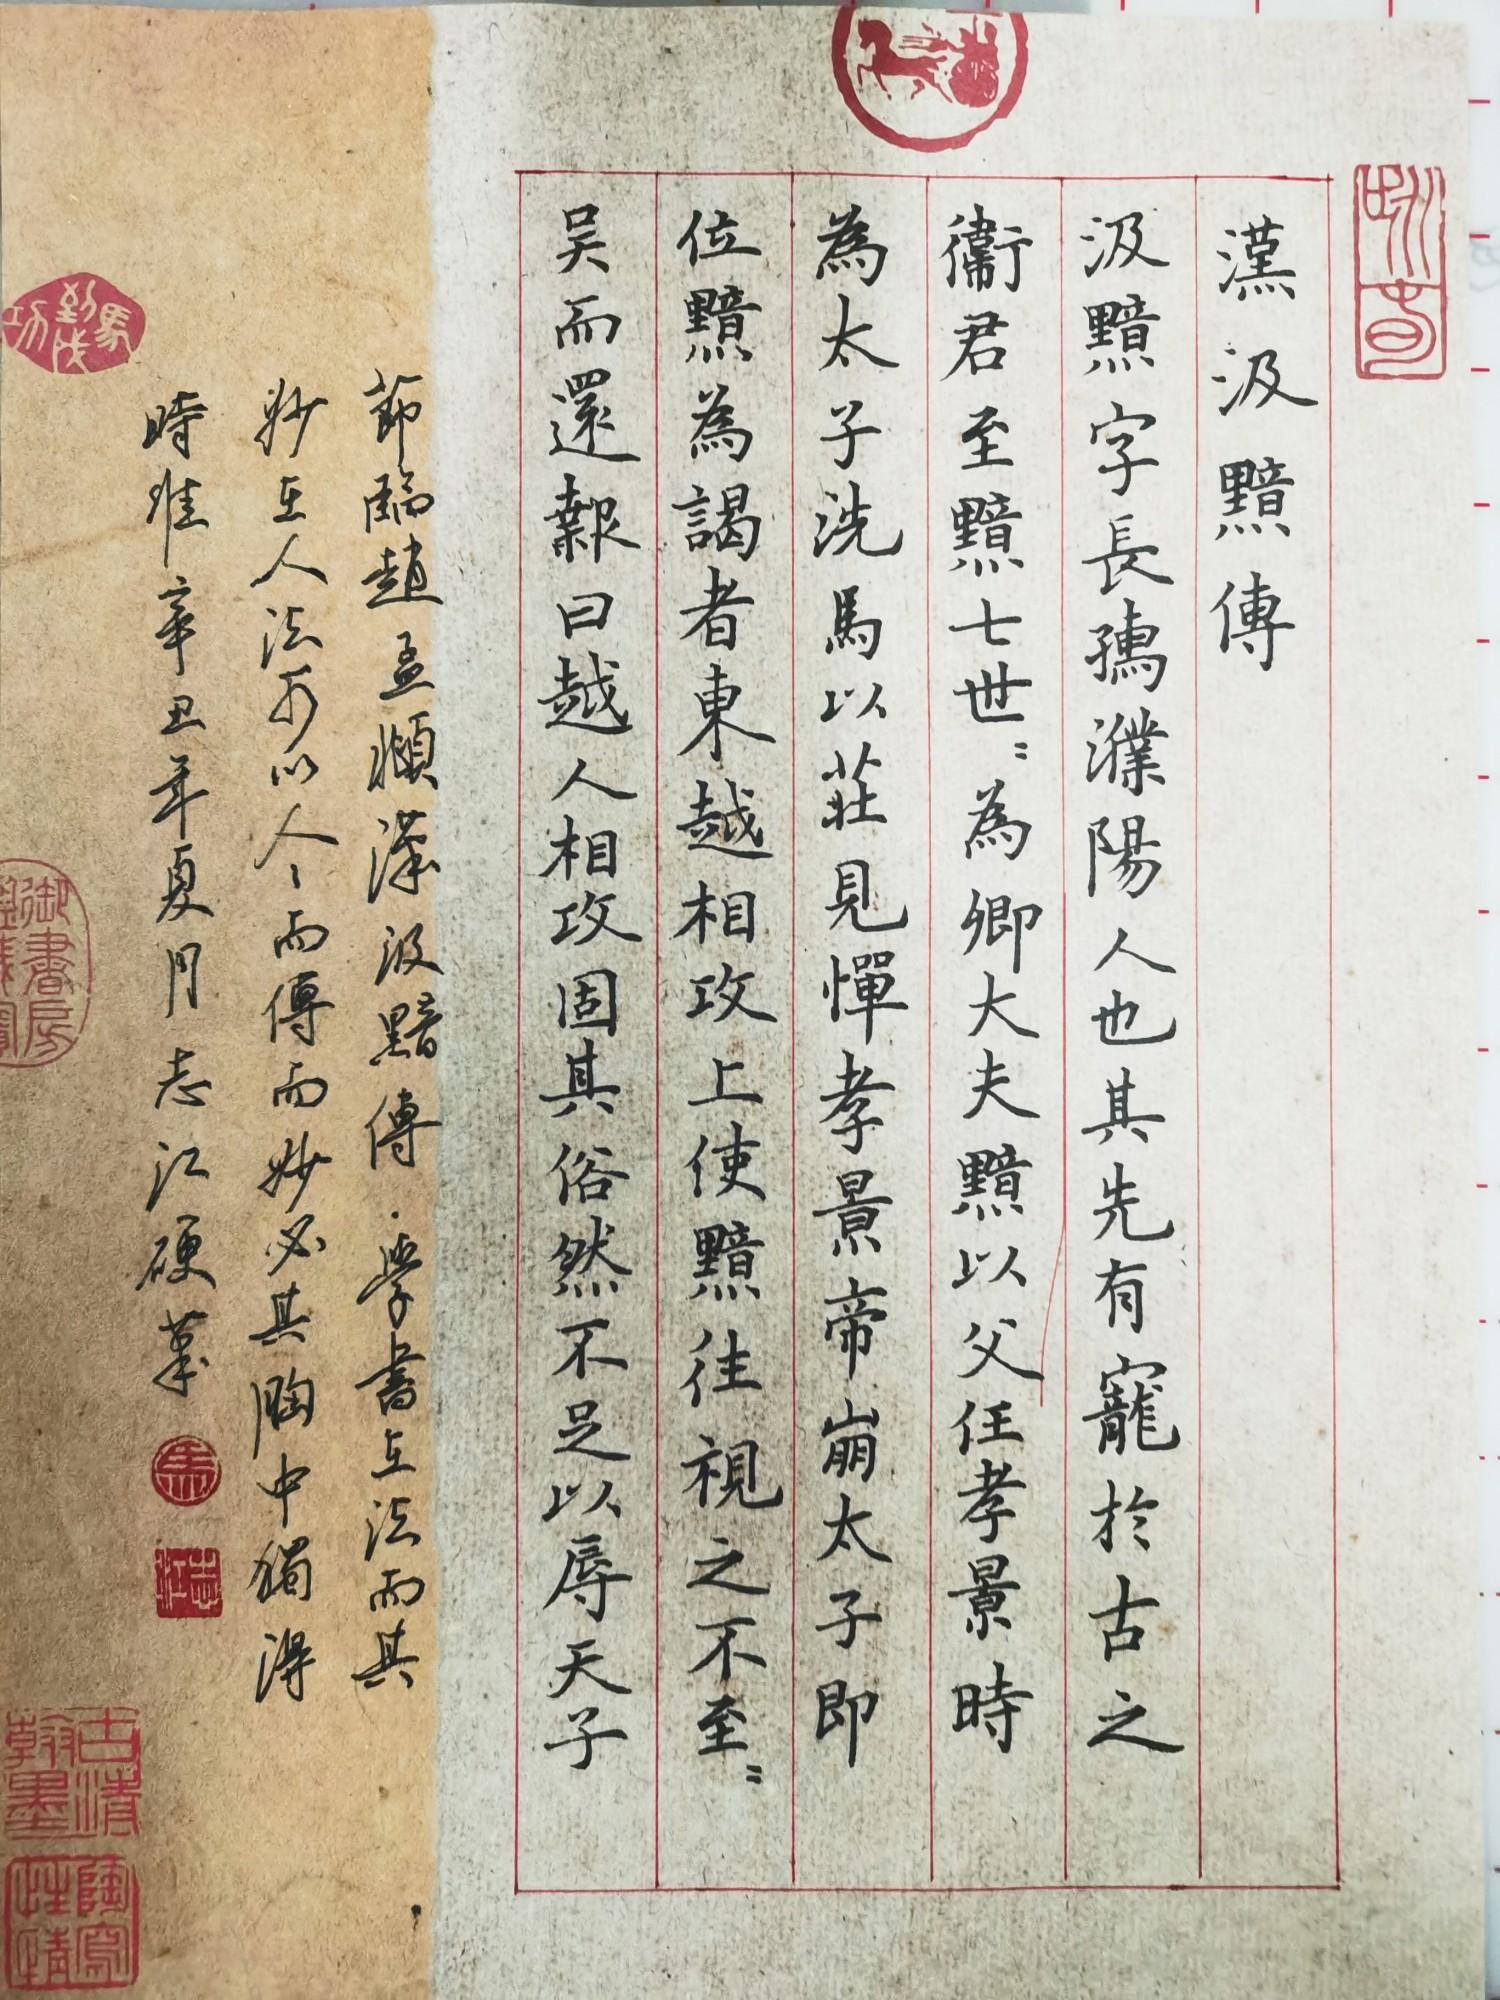 钢笔书法练字打卡20210615-15